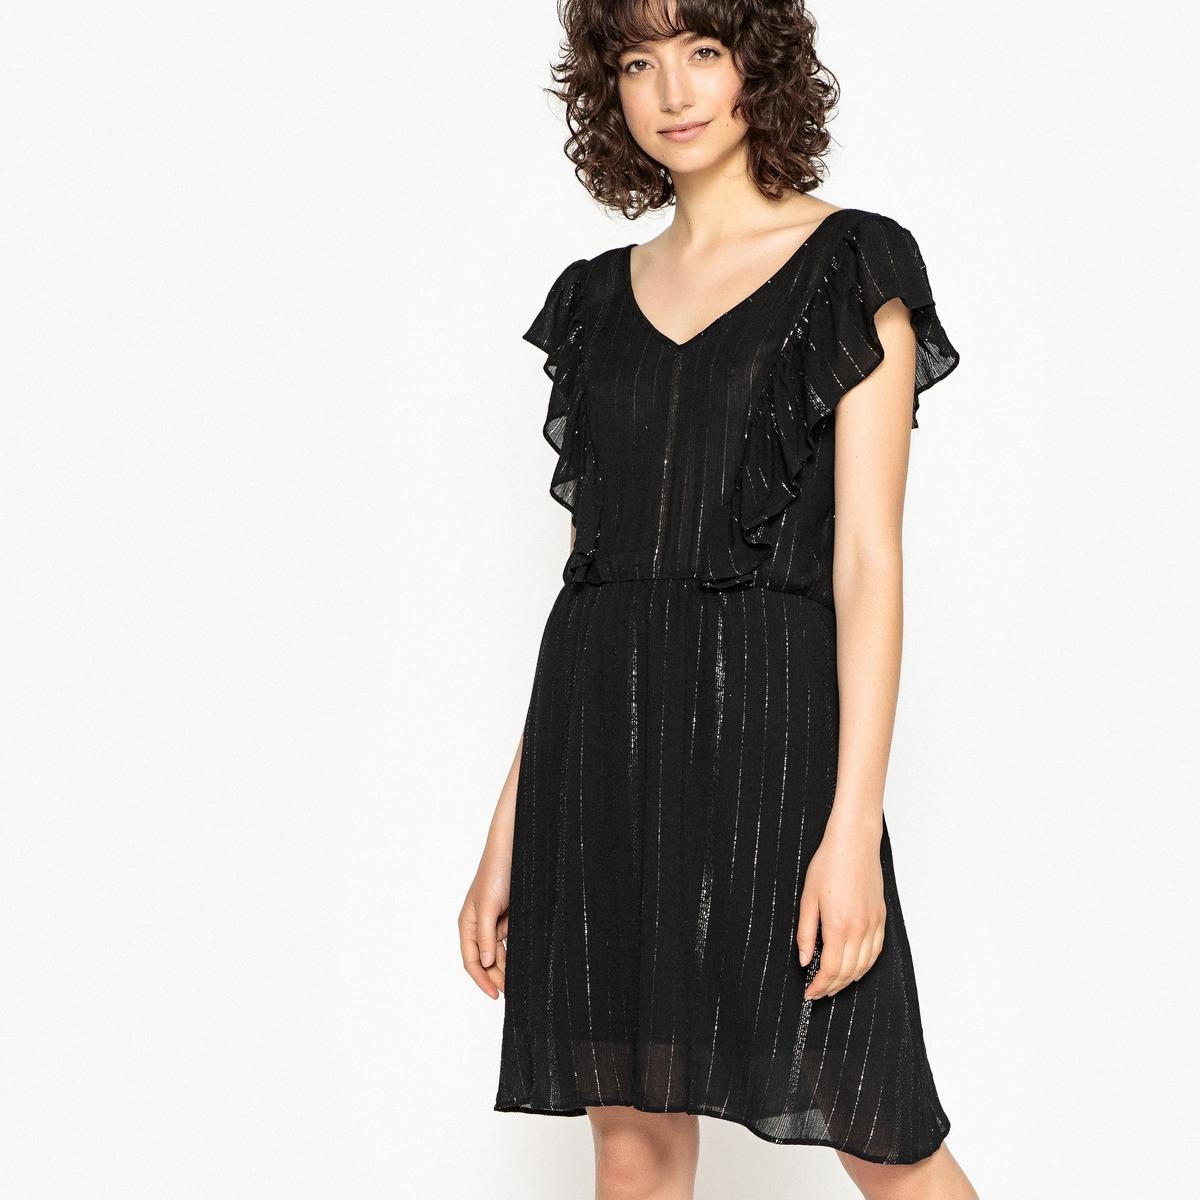 Korte jurk zonder mouwen in crêpe met metallic draad